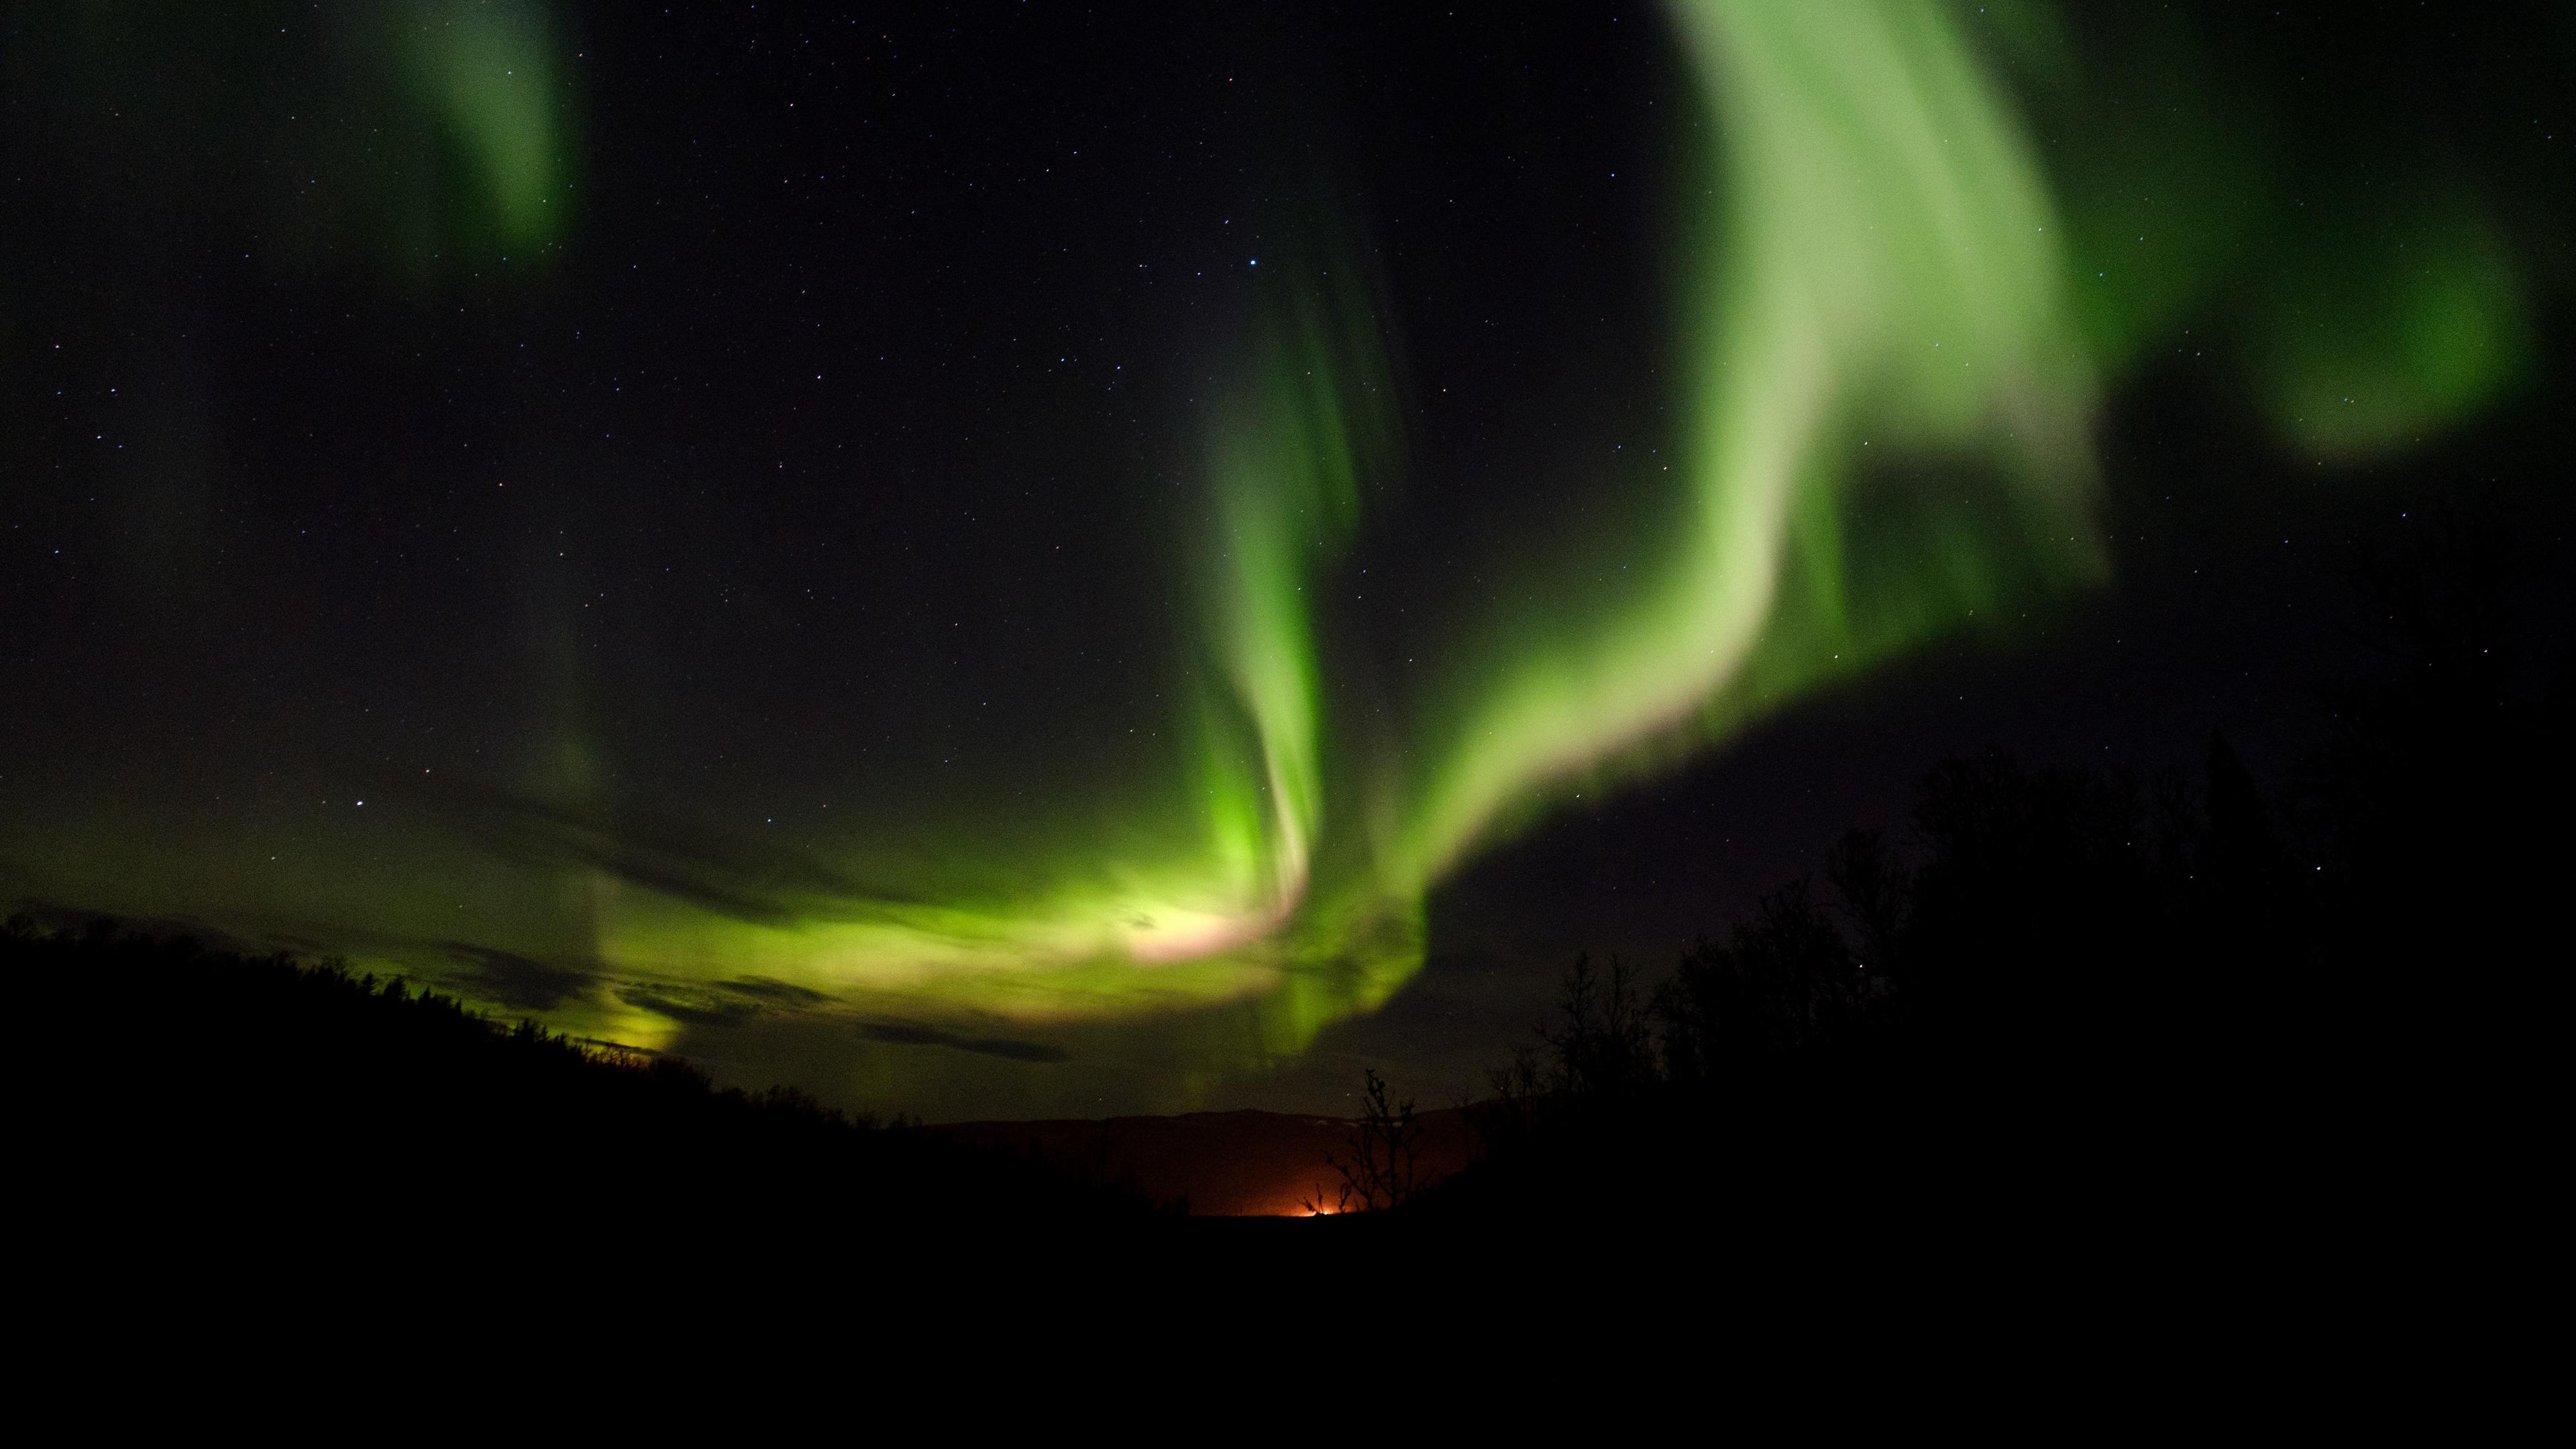 radiance sky night 4k 1536016987 - radiance, sky, night 4k - Sky, radiance, Night